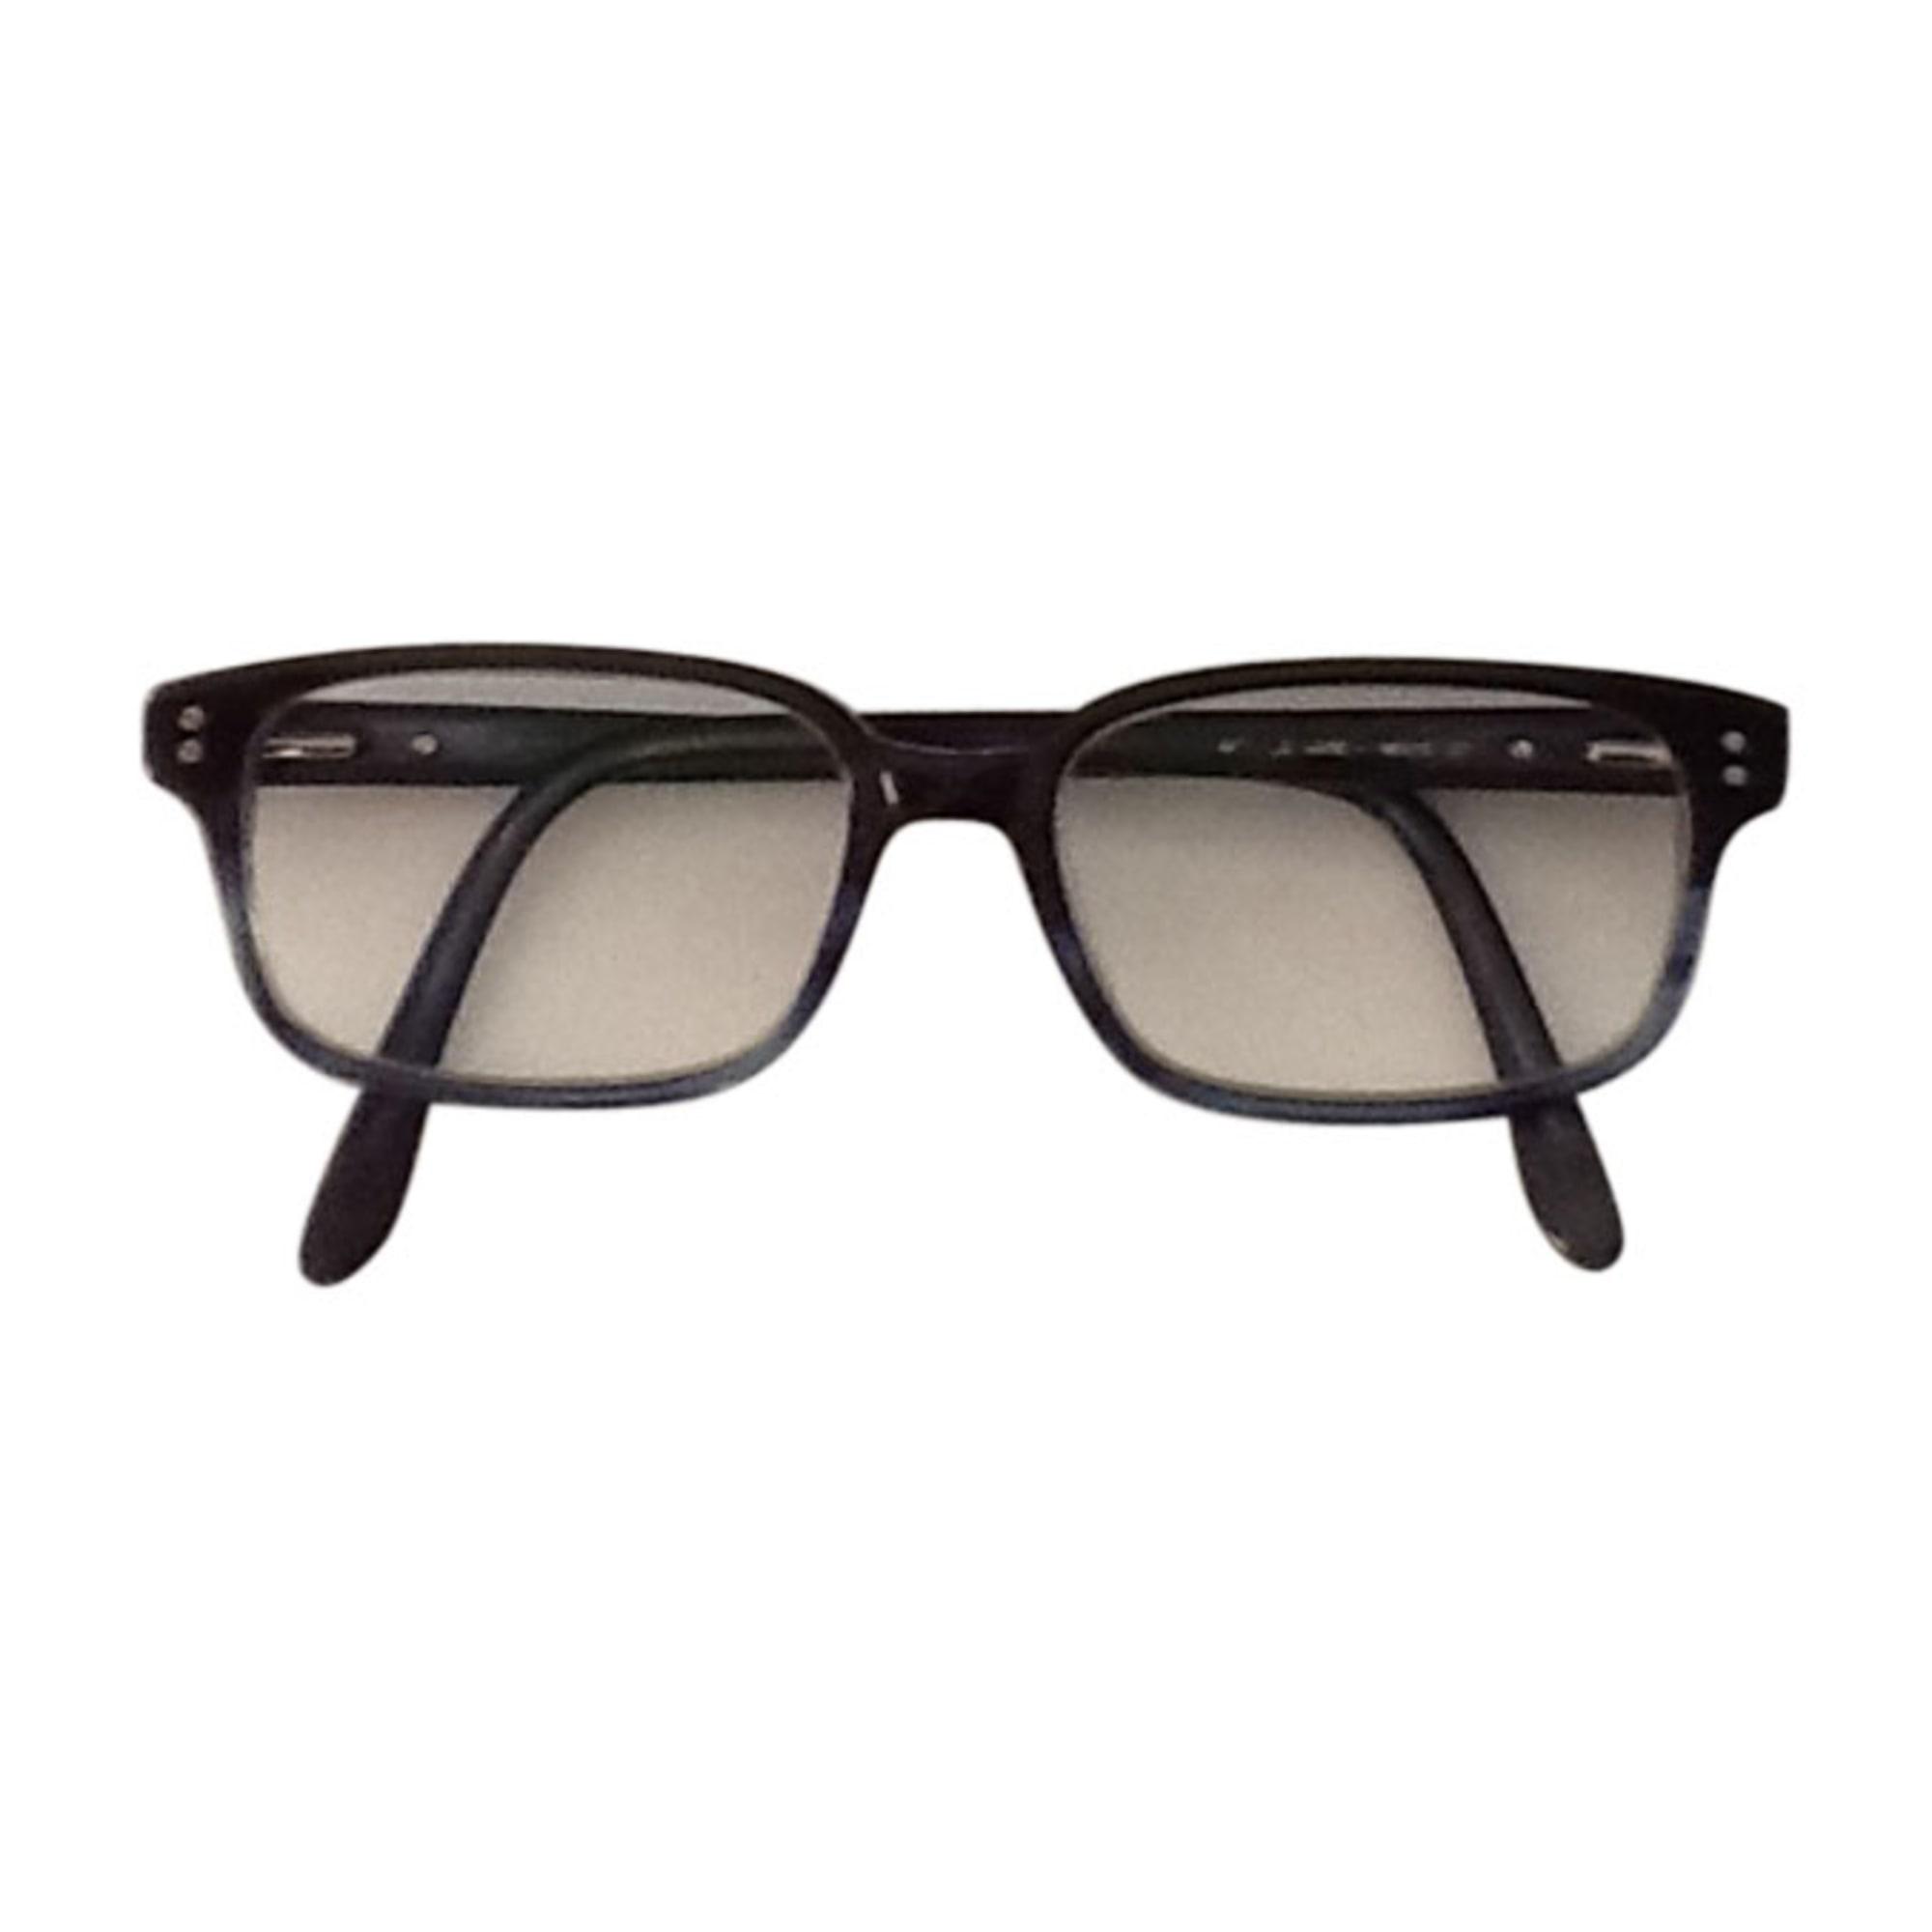 ab0ba2137d58a Monture de lunettes PAUL   JOE 7-8 ans bleu vendu par Isaphilna37043 ...